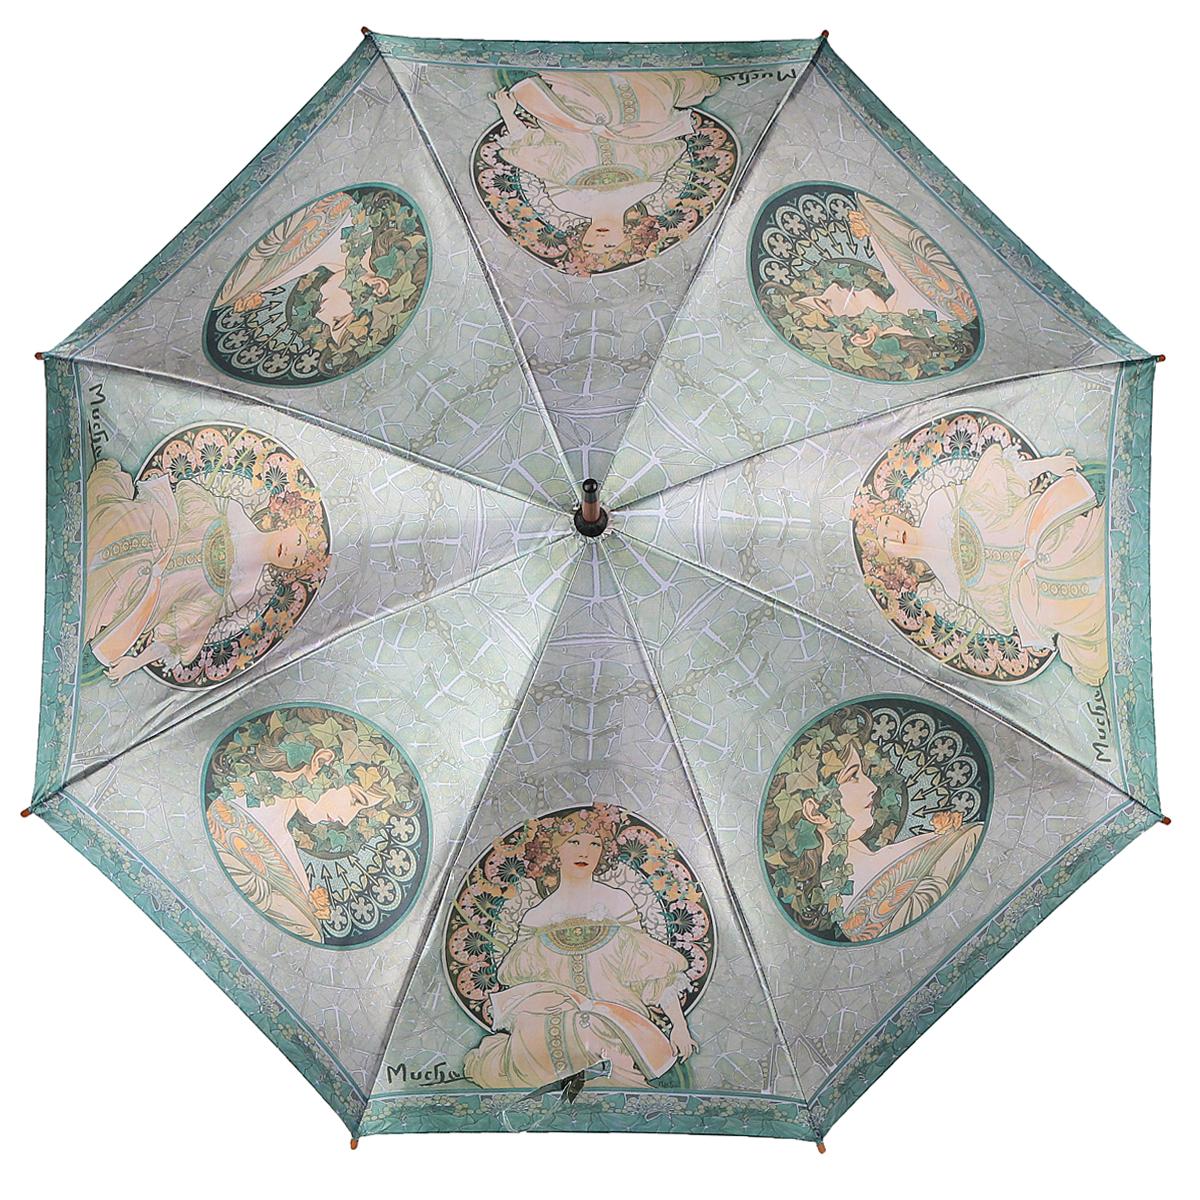 Зонт-трость Задумчивость, полуавтомат. 1001-291001-29Стильный полуавтоматический зонт-трость Задумчивость поднимет настроение даже в ненастную погоду. Каркас зонта состоит из деревянного стержня и 8 металлических спиц черного цвета. Купол зонта, изготовленный из сатина с водоотталкивающей пропиткой, оформлен изображением девушек и цветов в стиле арт-нуво по мотивам картин Альфонса Мухи. Зонт оснащен удобной закругленной рукояткой. Кончики спиц защищены деревянными насадками. Зонт имеет полуавтоматический механизм сложения: купол открывается нажатием кнопки на рукоятке, а закрывается вручную до характерного щелчка. Такой зонт не только надежно защитит вас от дождя, но и станет стильным аксессуаром.